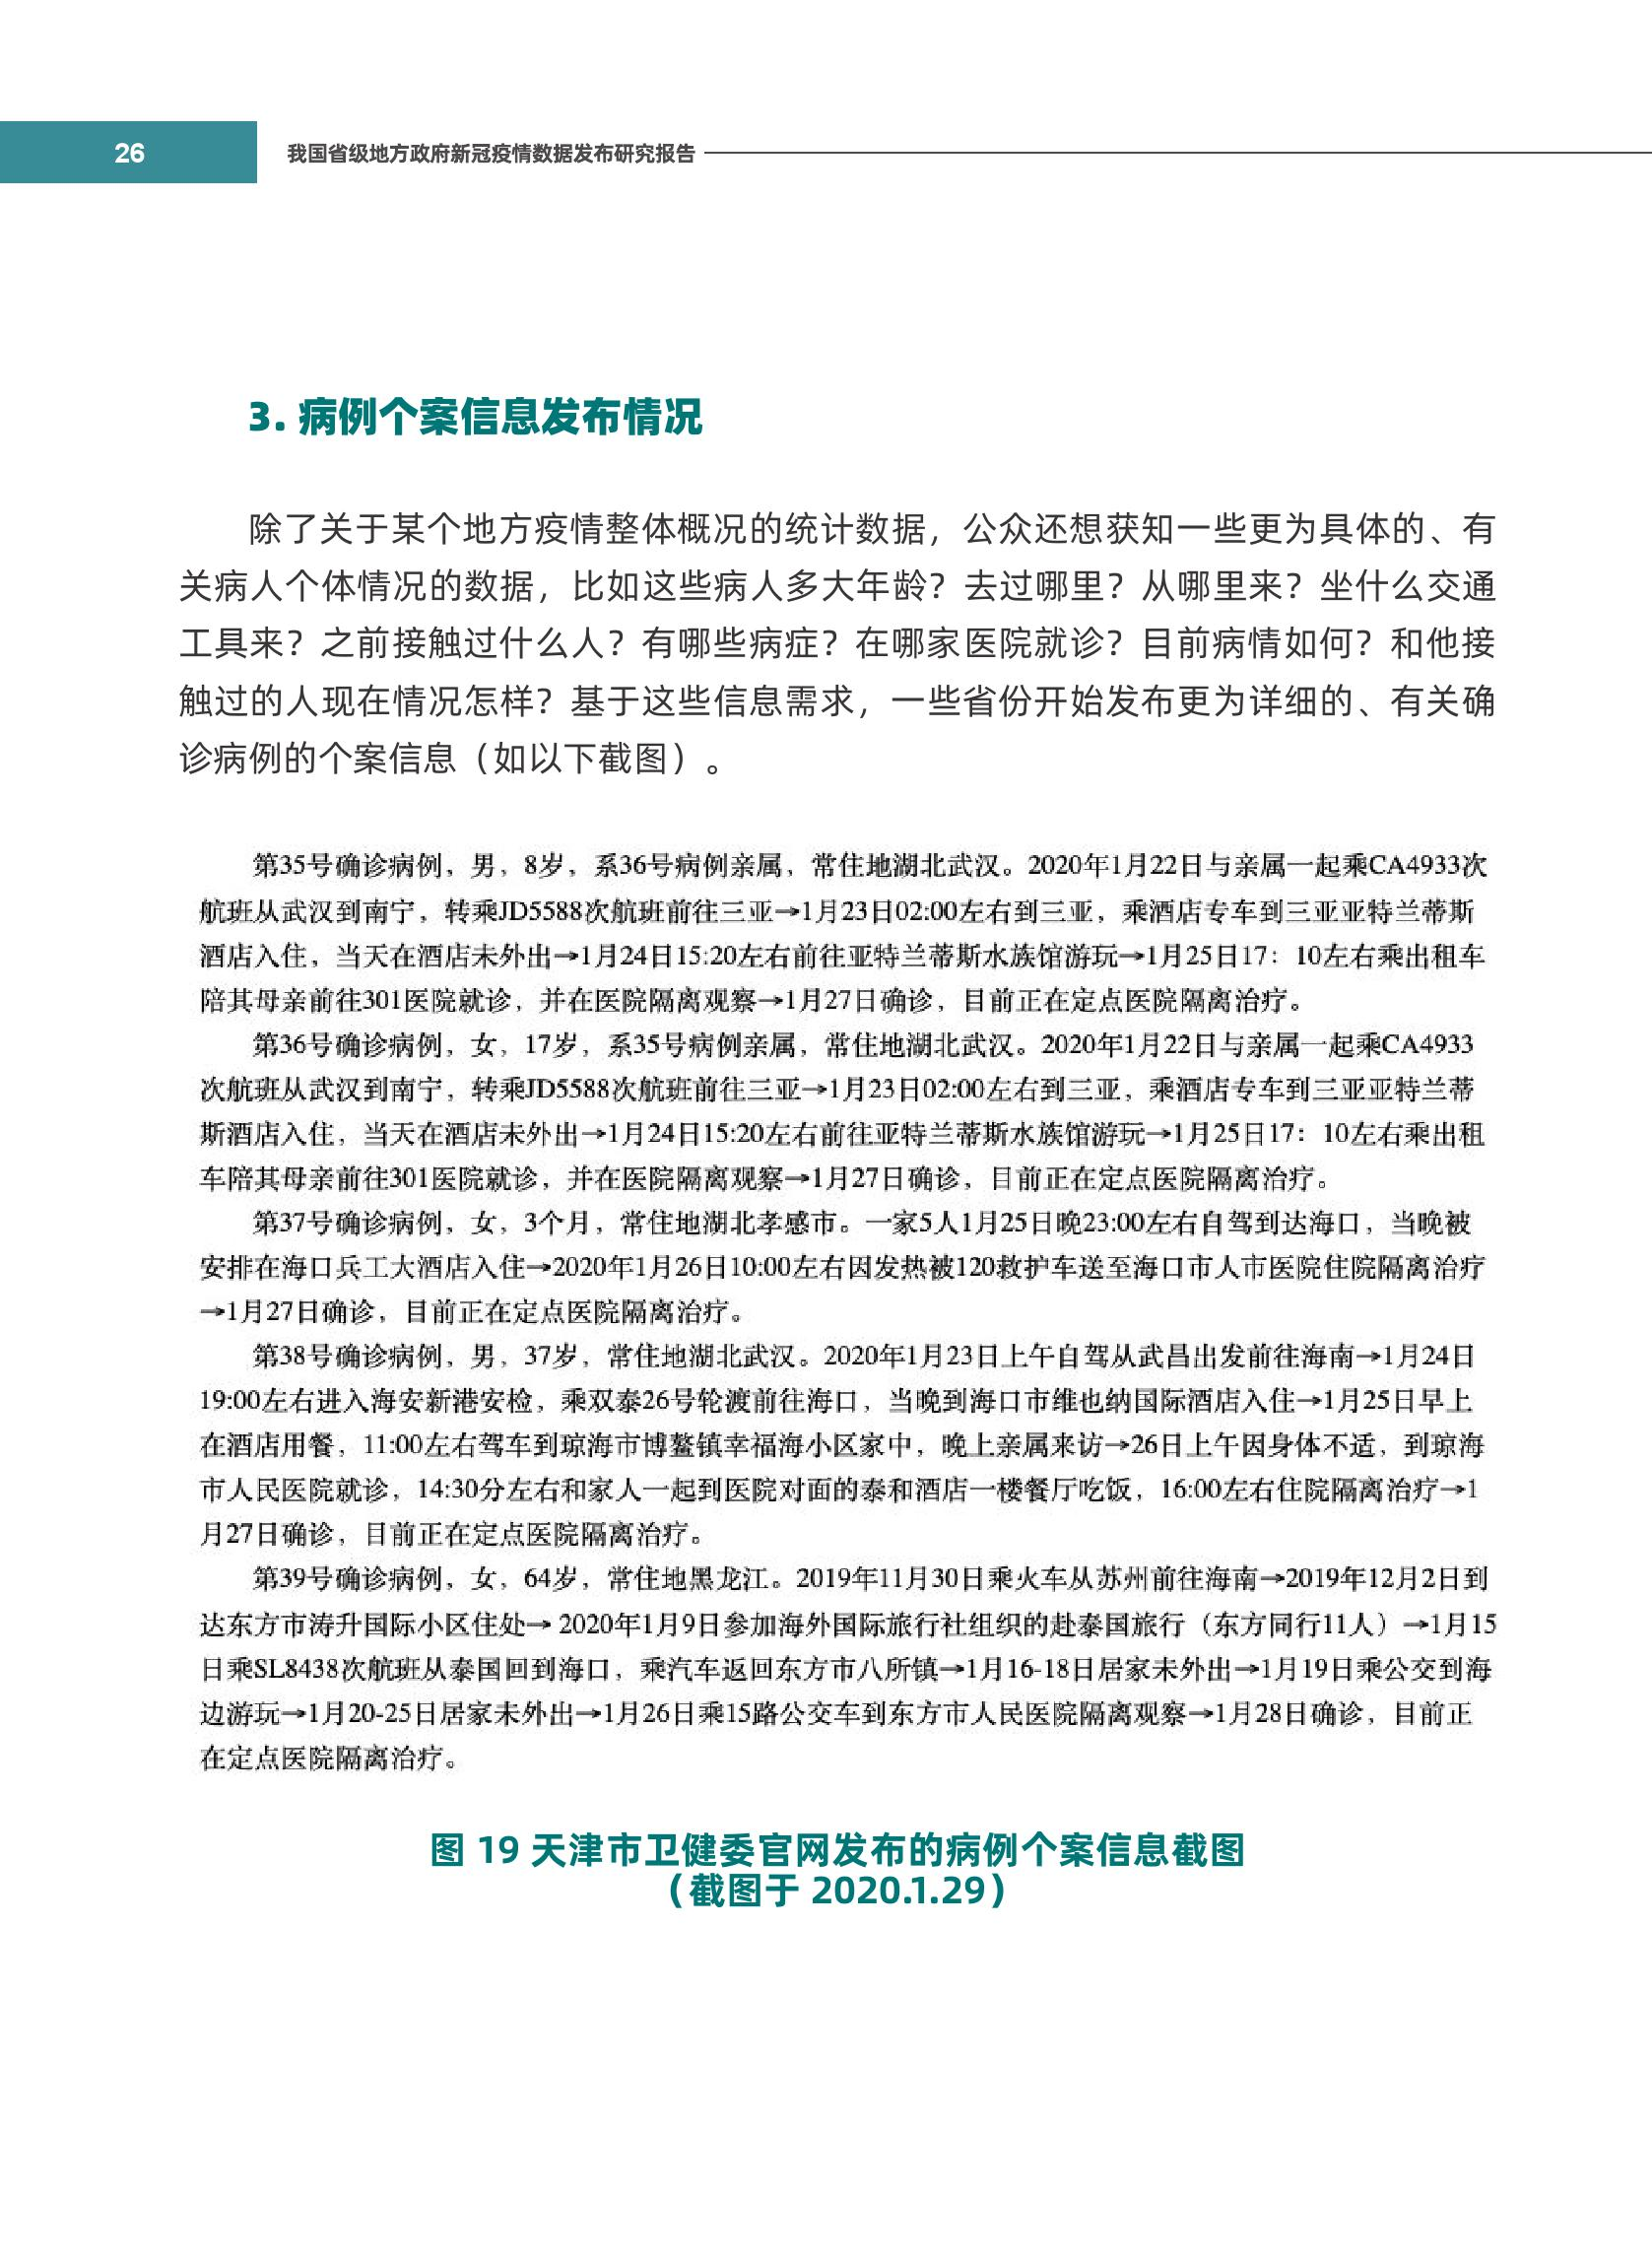 开放树林:我国省级地方政府新冠疫情数据发布研究报告(附下载)